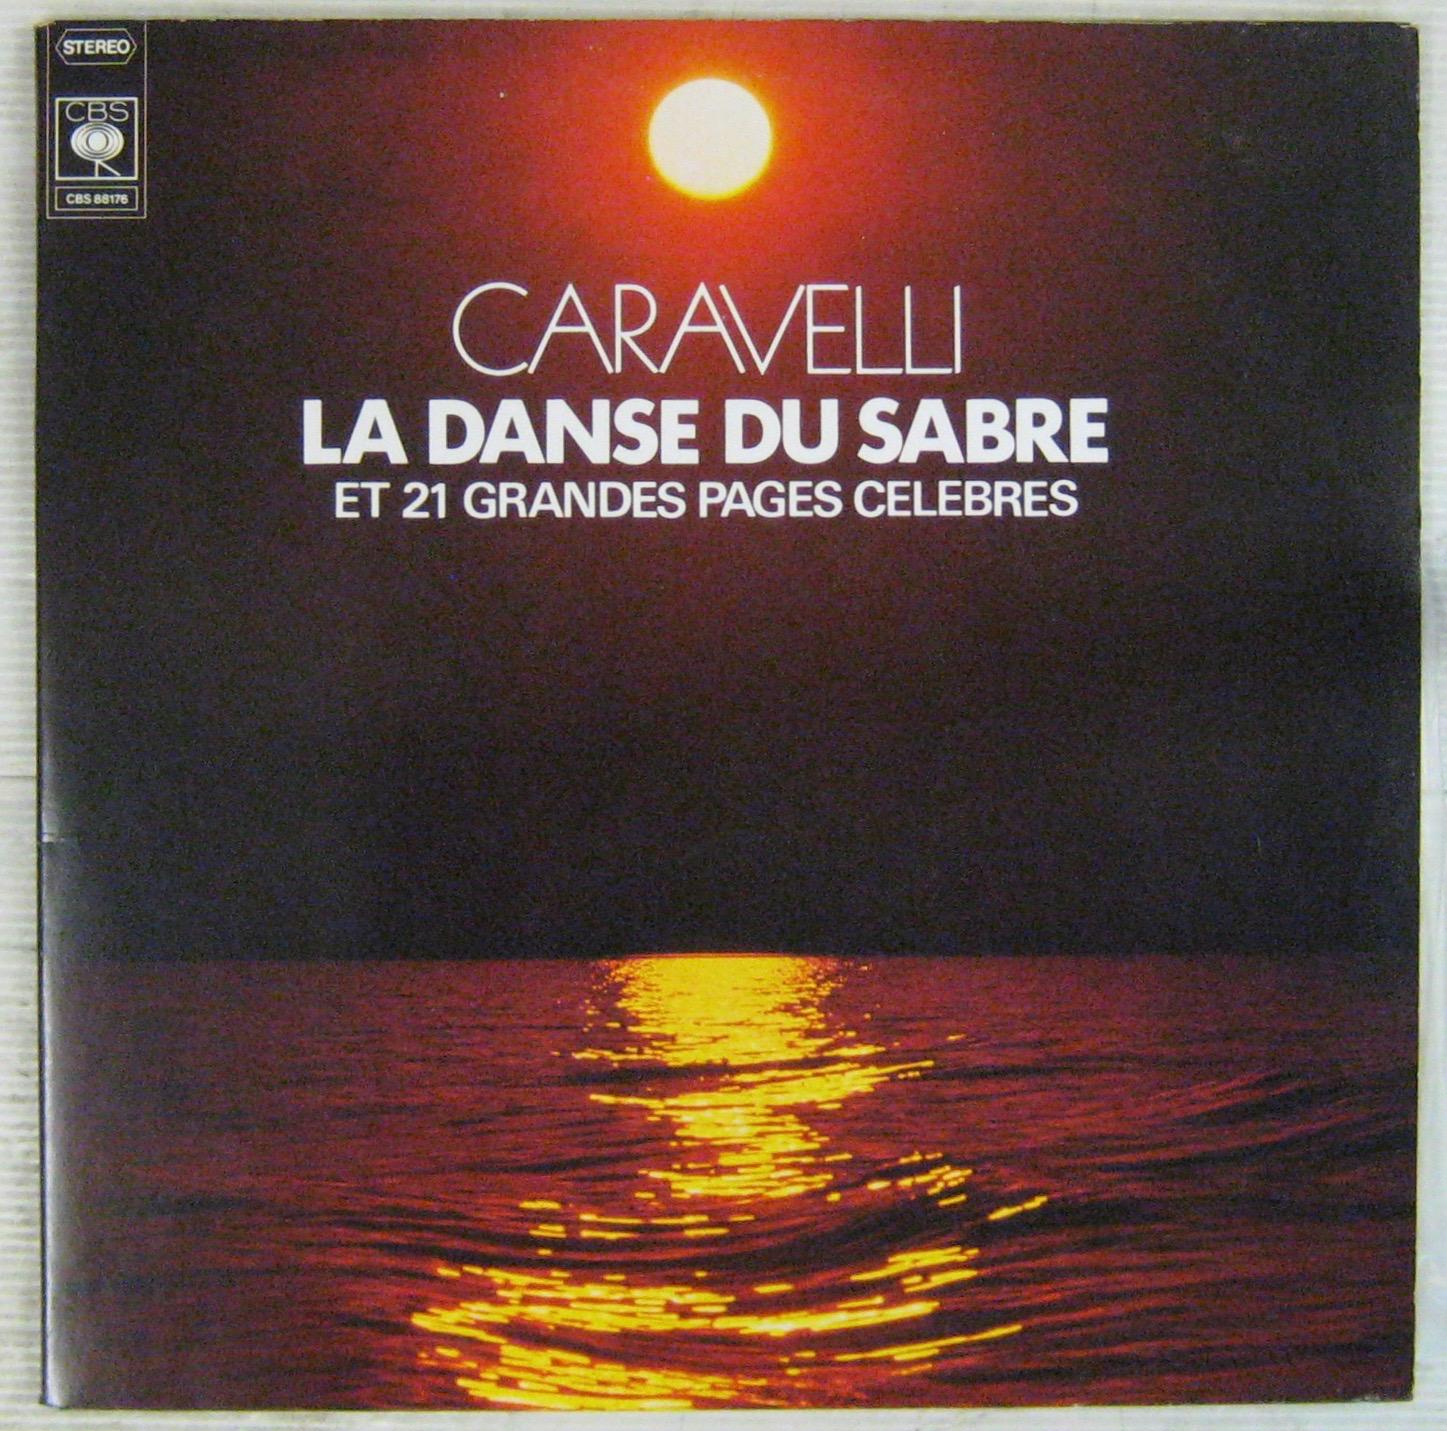 CARAVELLI - La danse du sabre et 21 grandes pages célèbres - 33T x 2